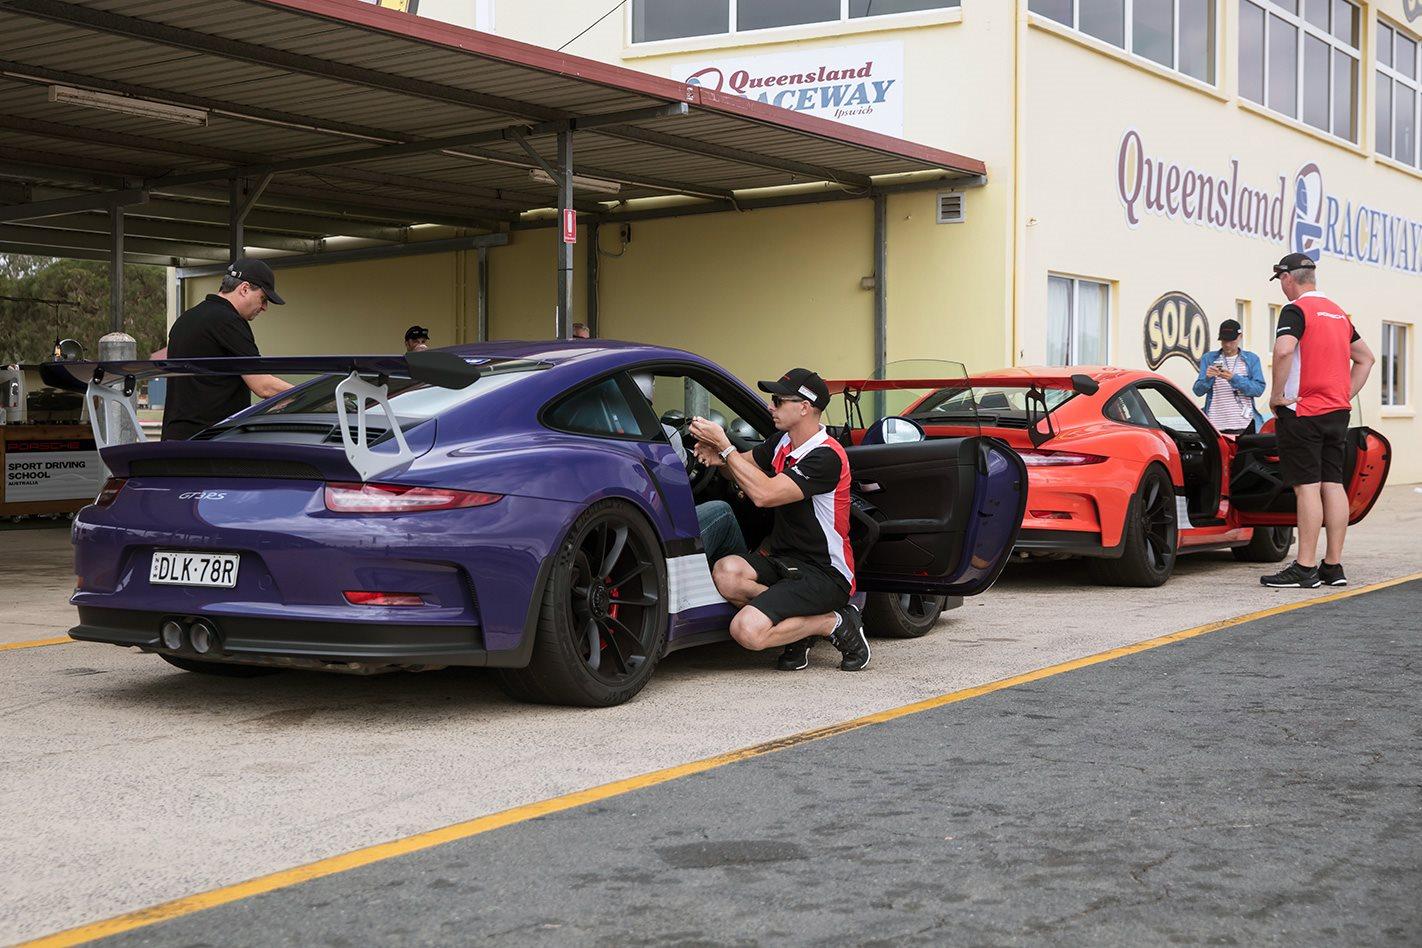 Porsche 911 GT3 RS - Data Driven